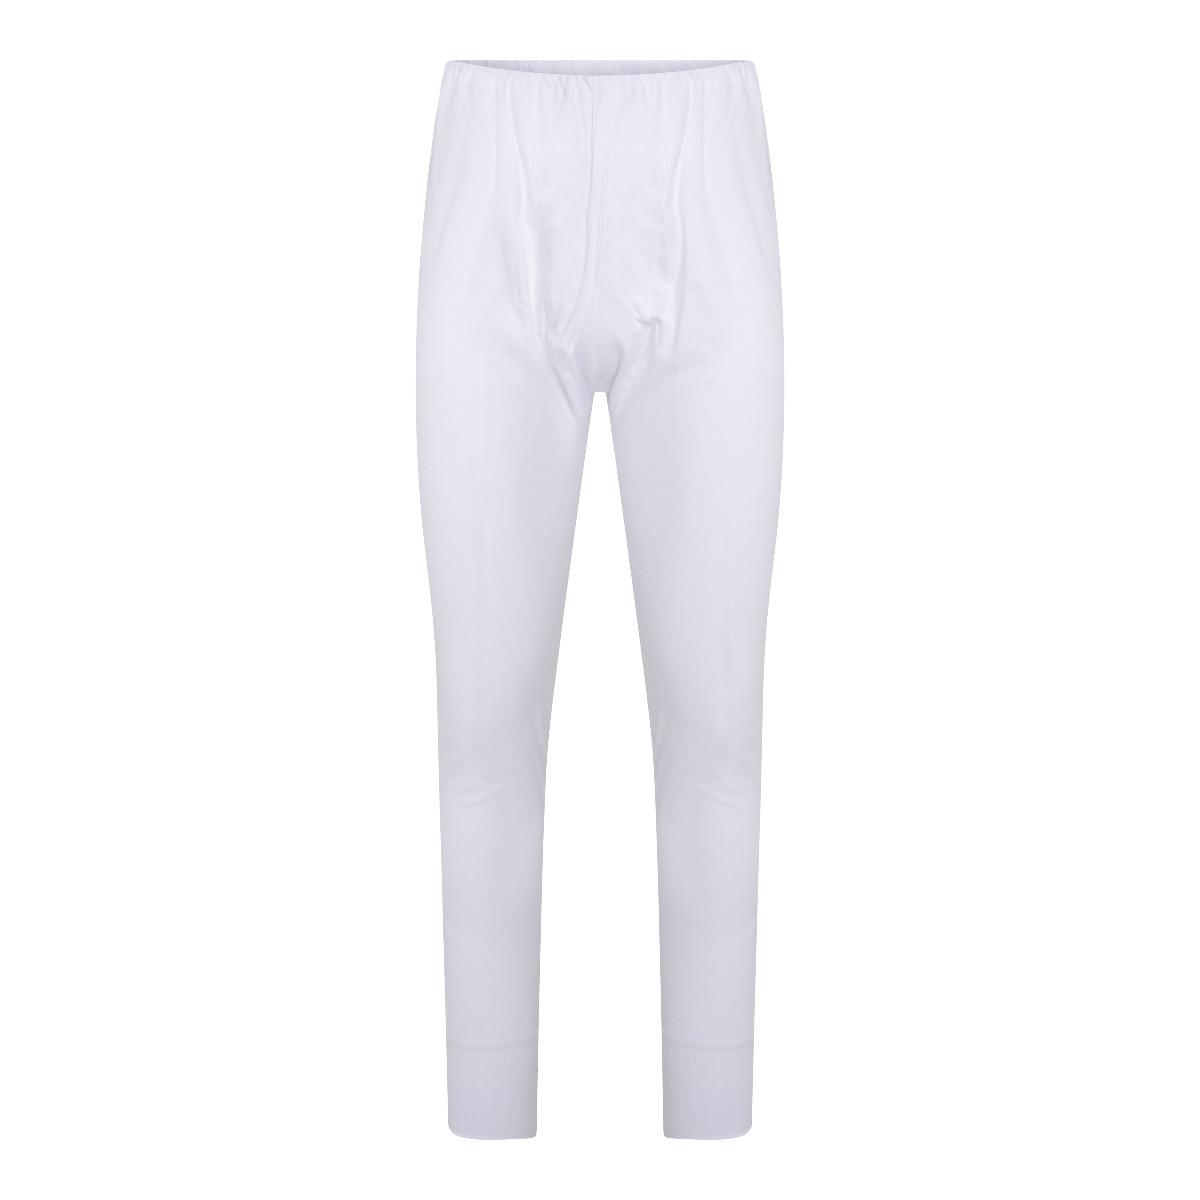 Beeren M3400 Heren Pantalon Wit L